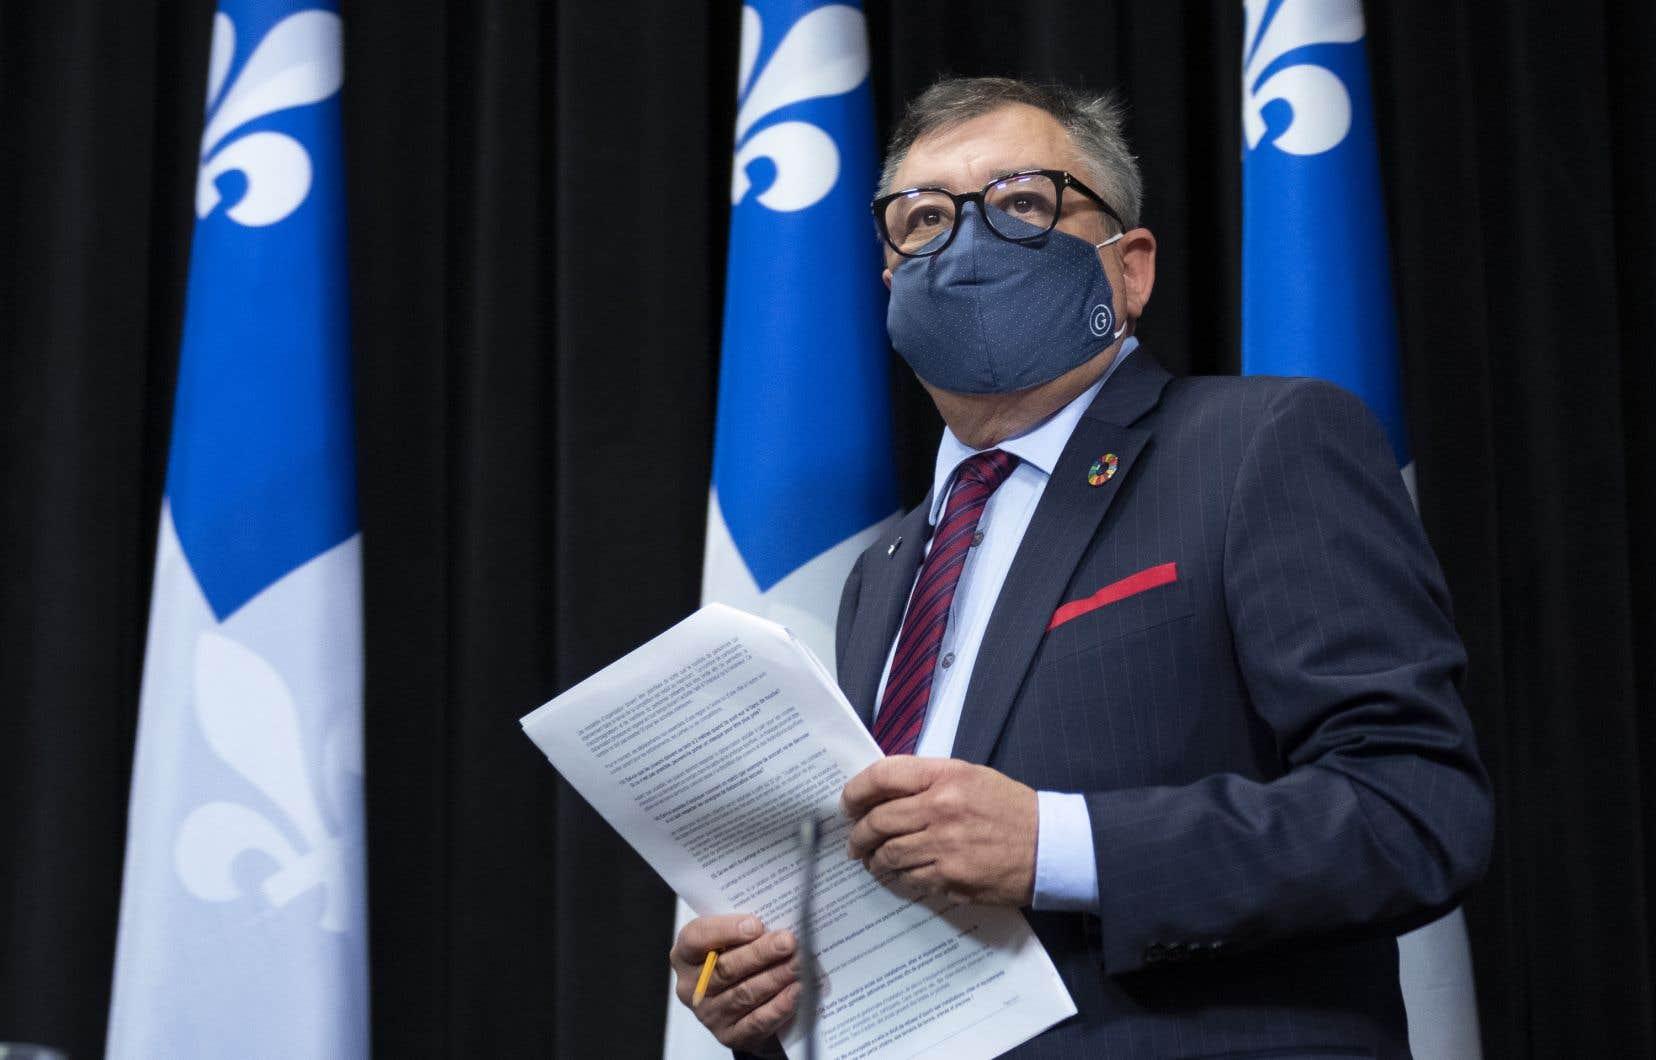 Dans les trois prochaines années, le DrHoracio Arruda gagnera substantiellement plus que sa supérieure immédiate, la nouvelle sous-ministre à la Santé et aux Services sociaux, Dominique Savoie.